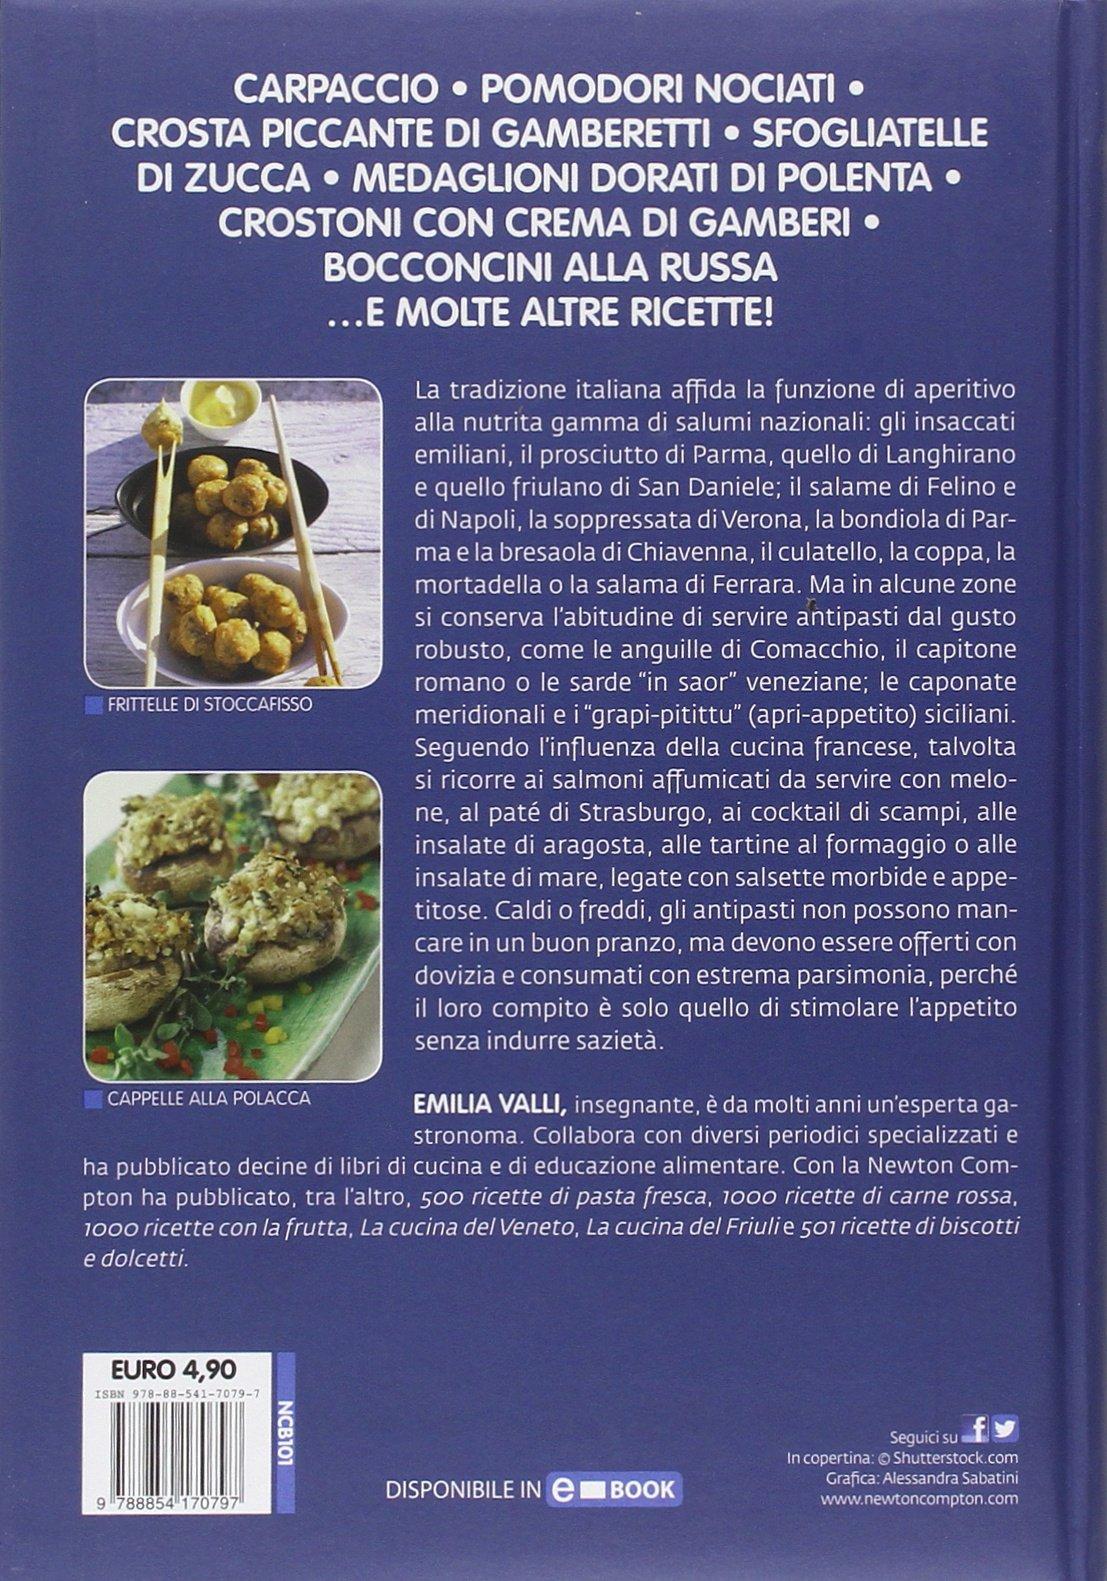 La cucina del veneto emilia valli – Ricette popolari della cucina ...